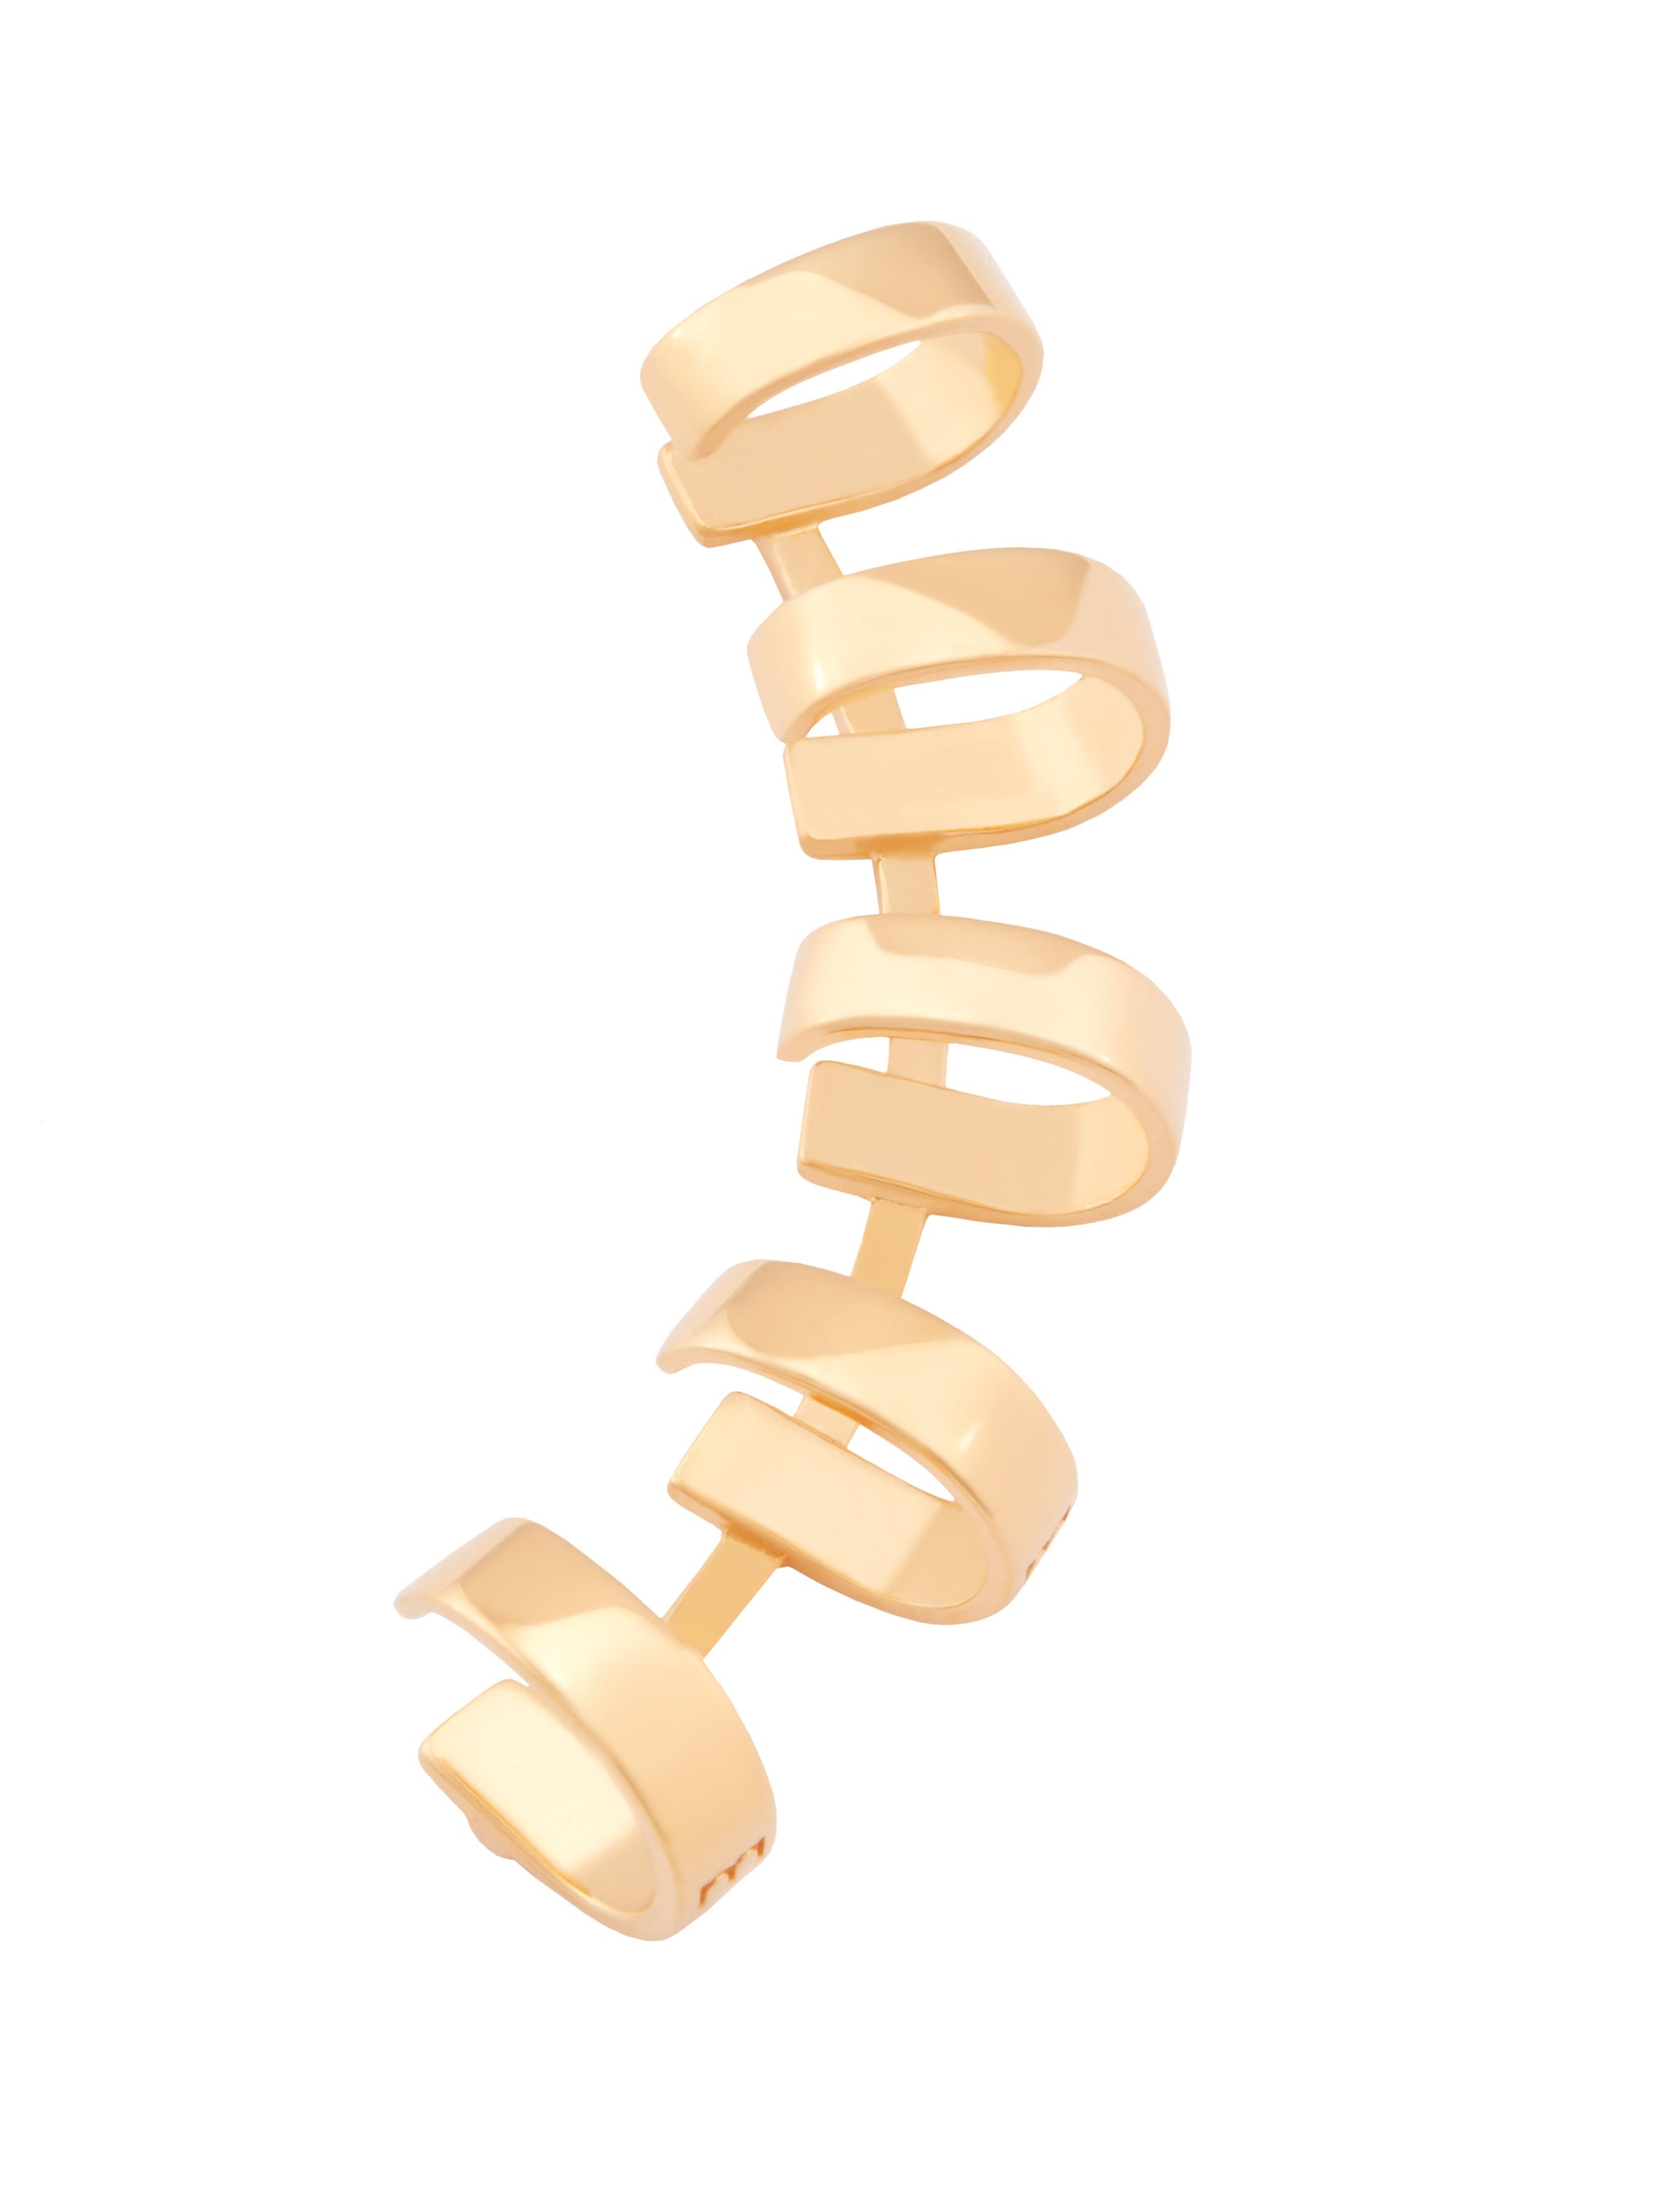 Złota nausznica z kółkami me4 gold złoto minimalistyczna biżuteria moie